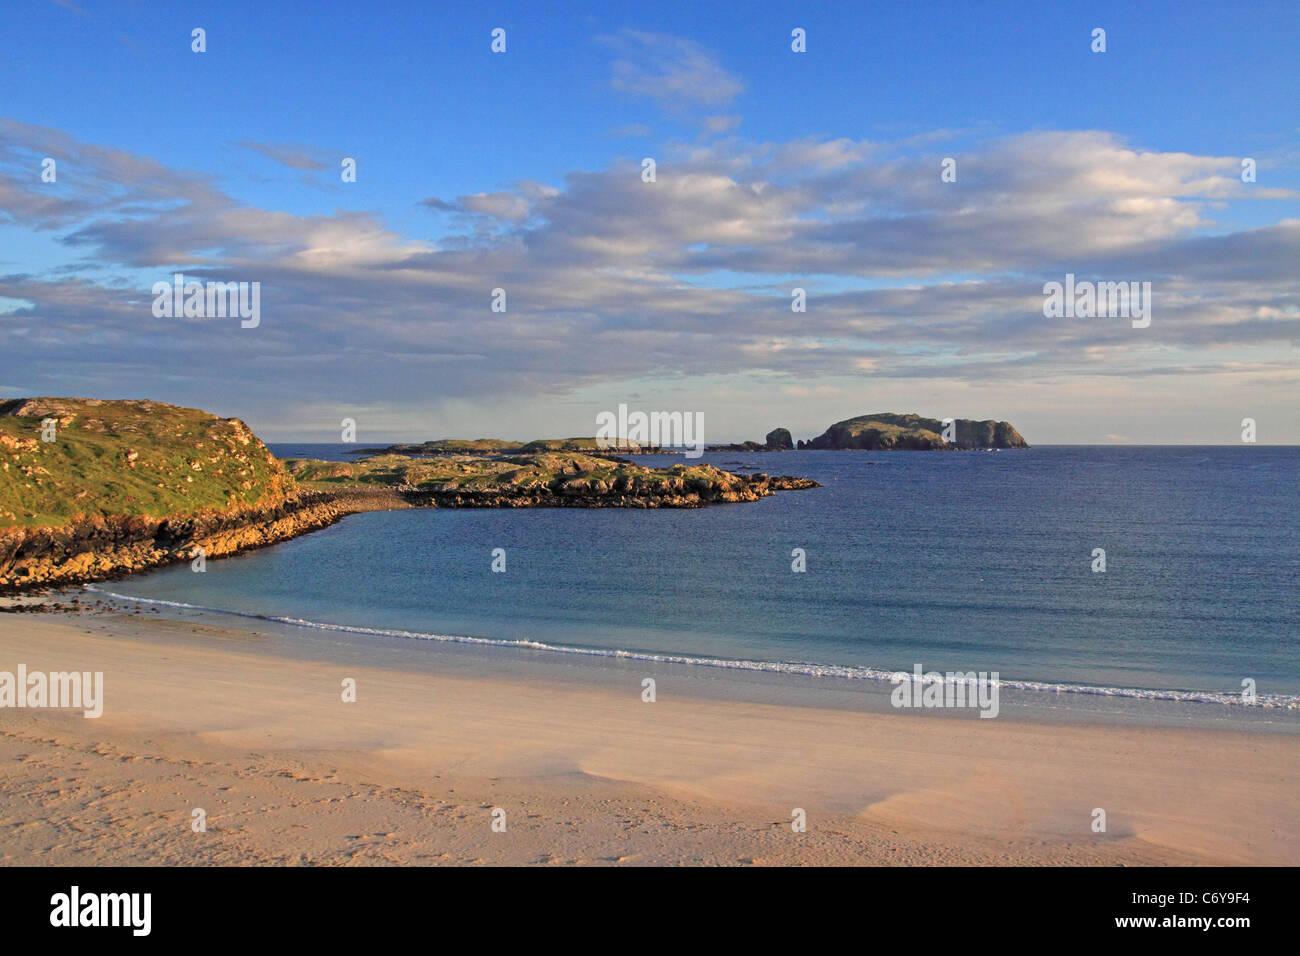 UK Scotland Outer Hebrides Isle of Lewis Bosta Bay Isle of Bernery - Stock Image